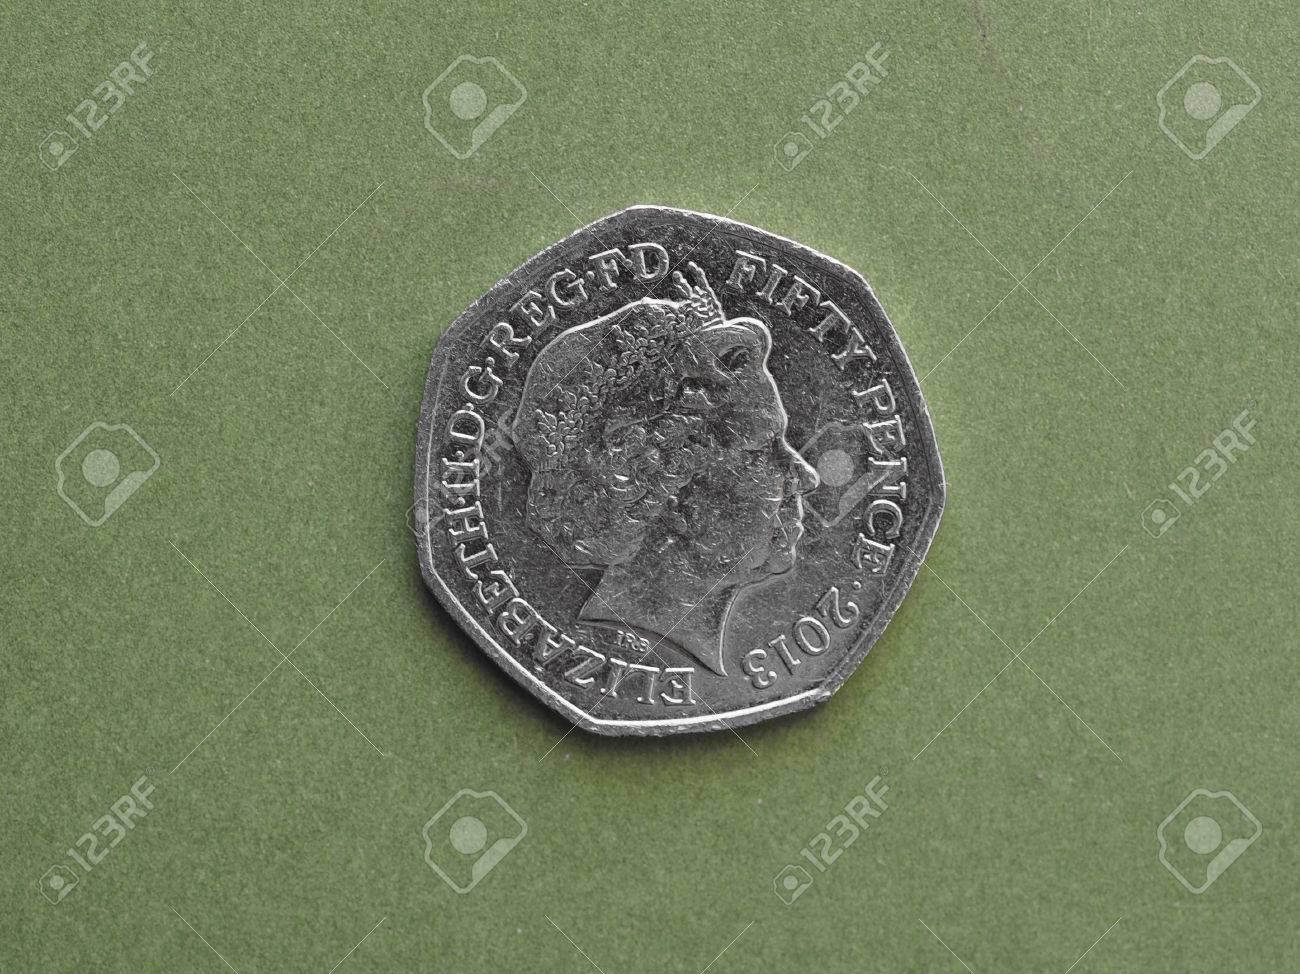 London Großbritannien Circa August 2016 50 Pence Münze Mit Ihrer